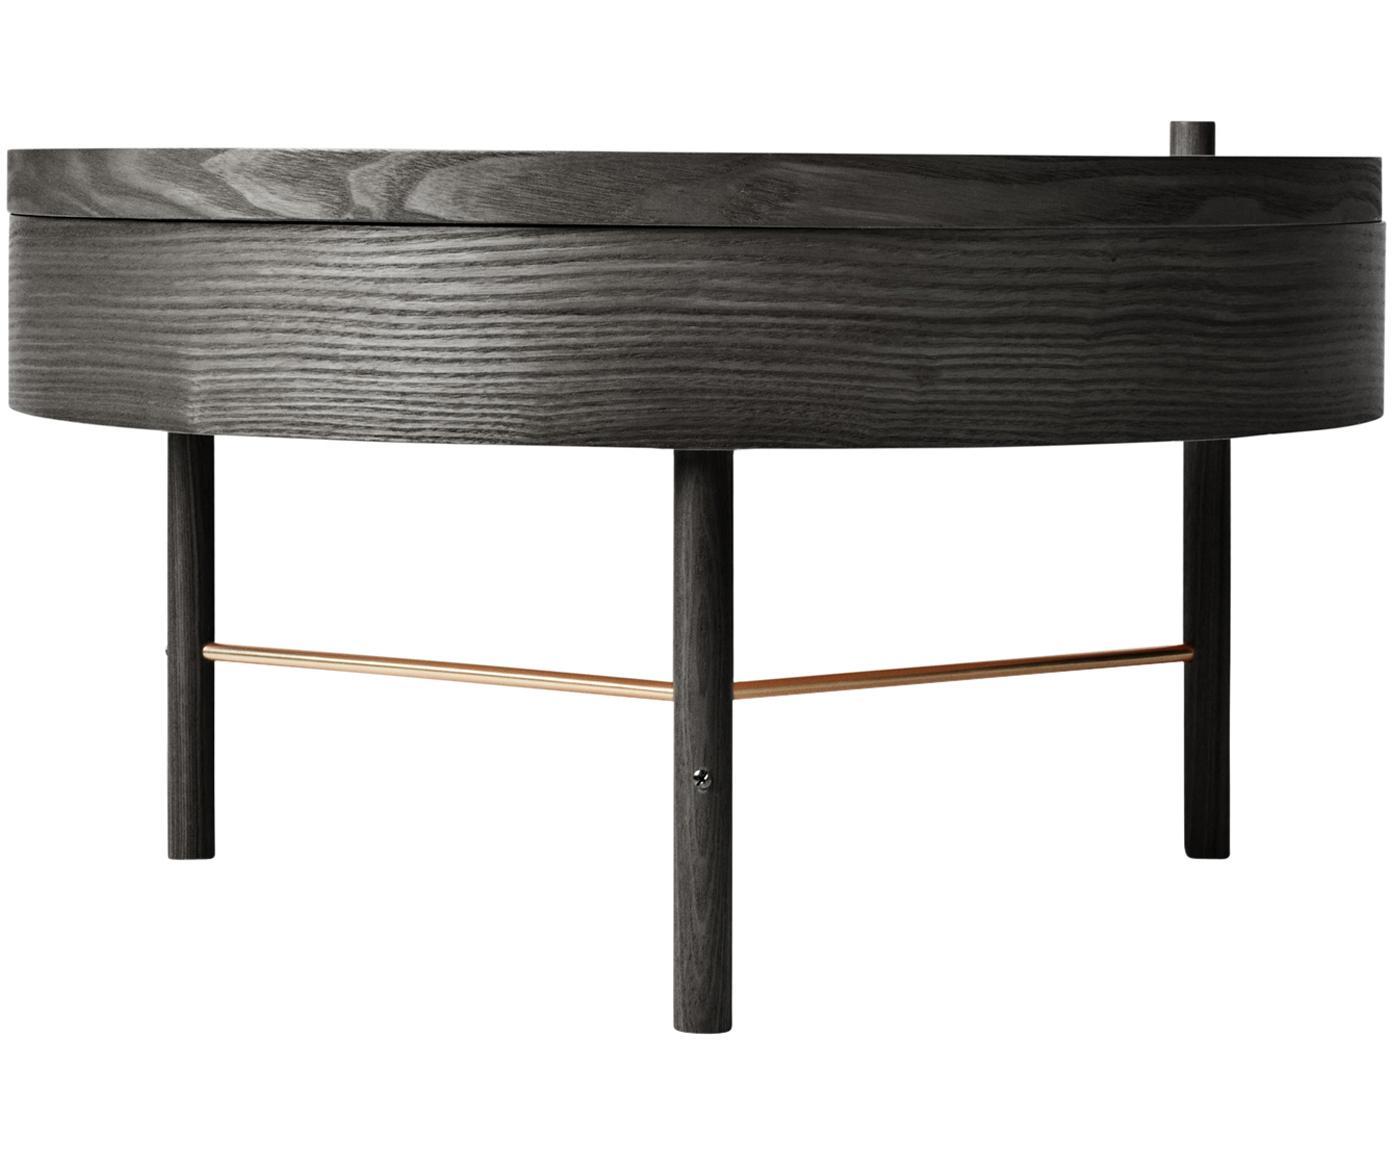 Stolik kawowy z miejscem do przechowywania Turning Table, Drewno jesionowe, fornir z drewna jesionowego, Czarny, drewno jesionowe, Ø 65 x W 36 cm